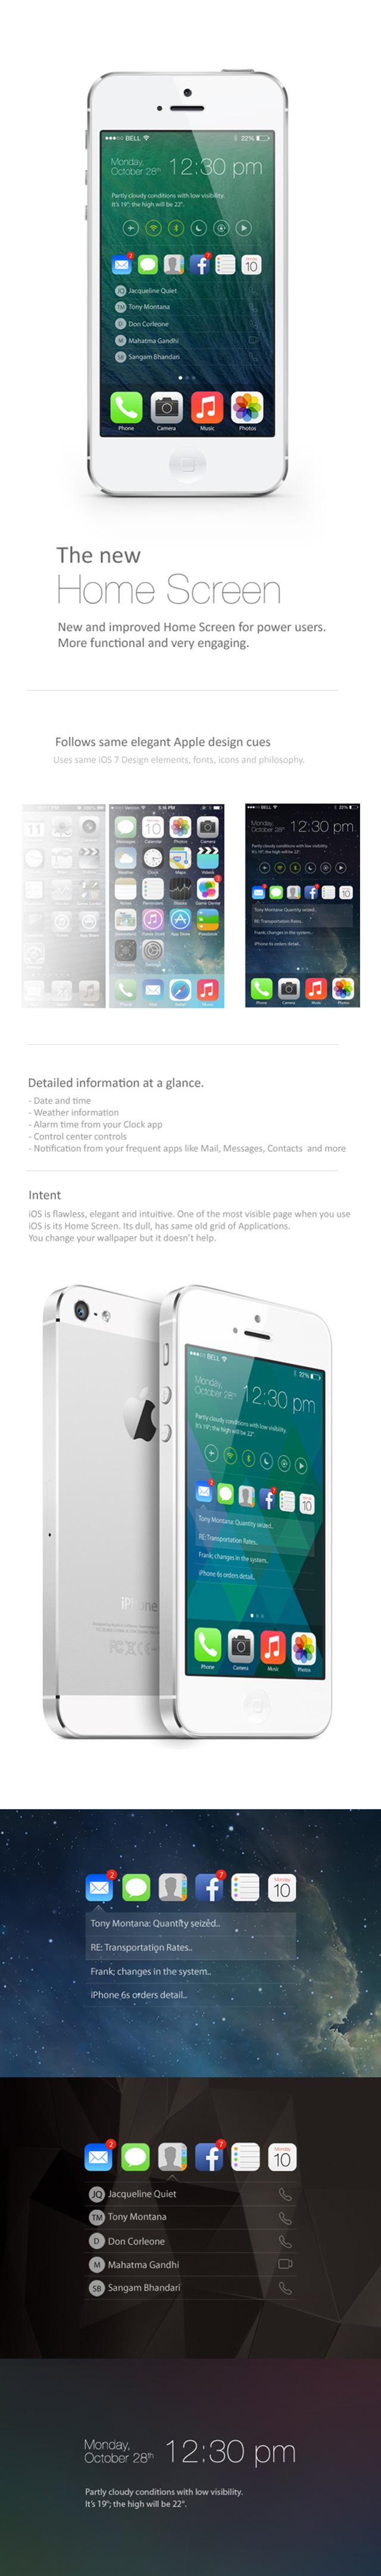 Concept iOS 7 / iOS 8 Full